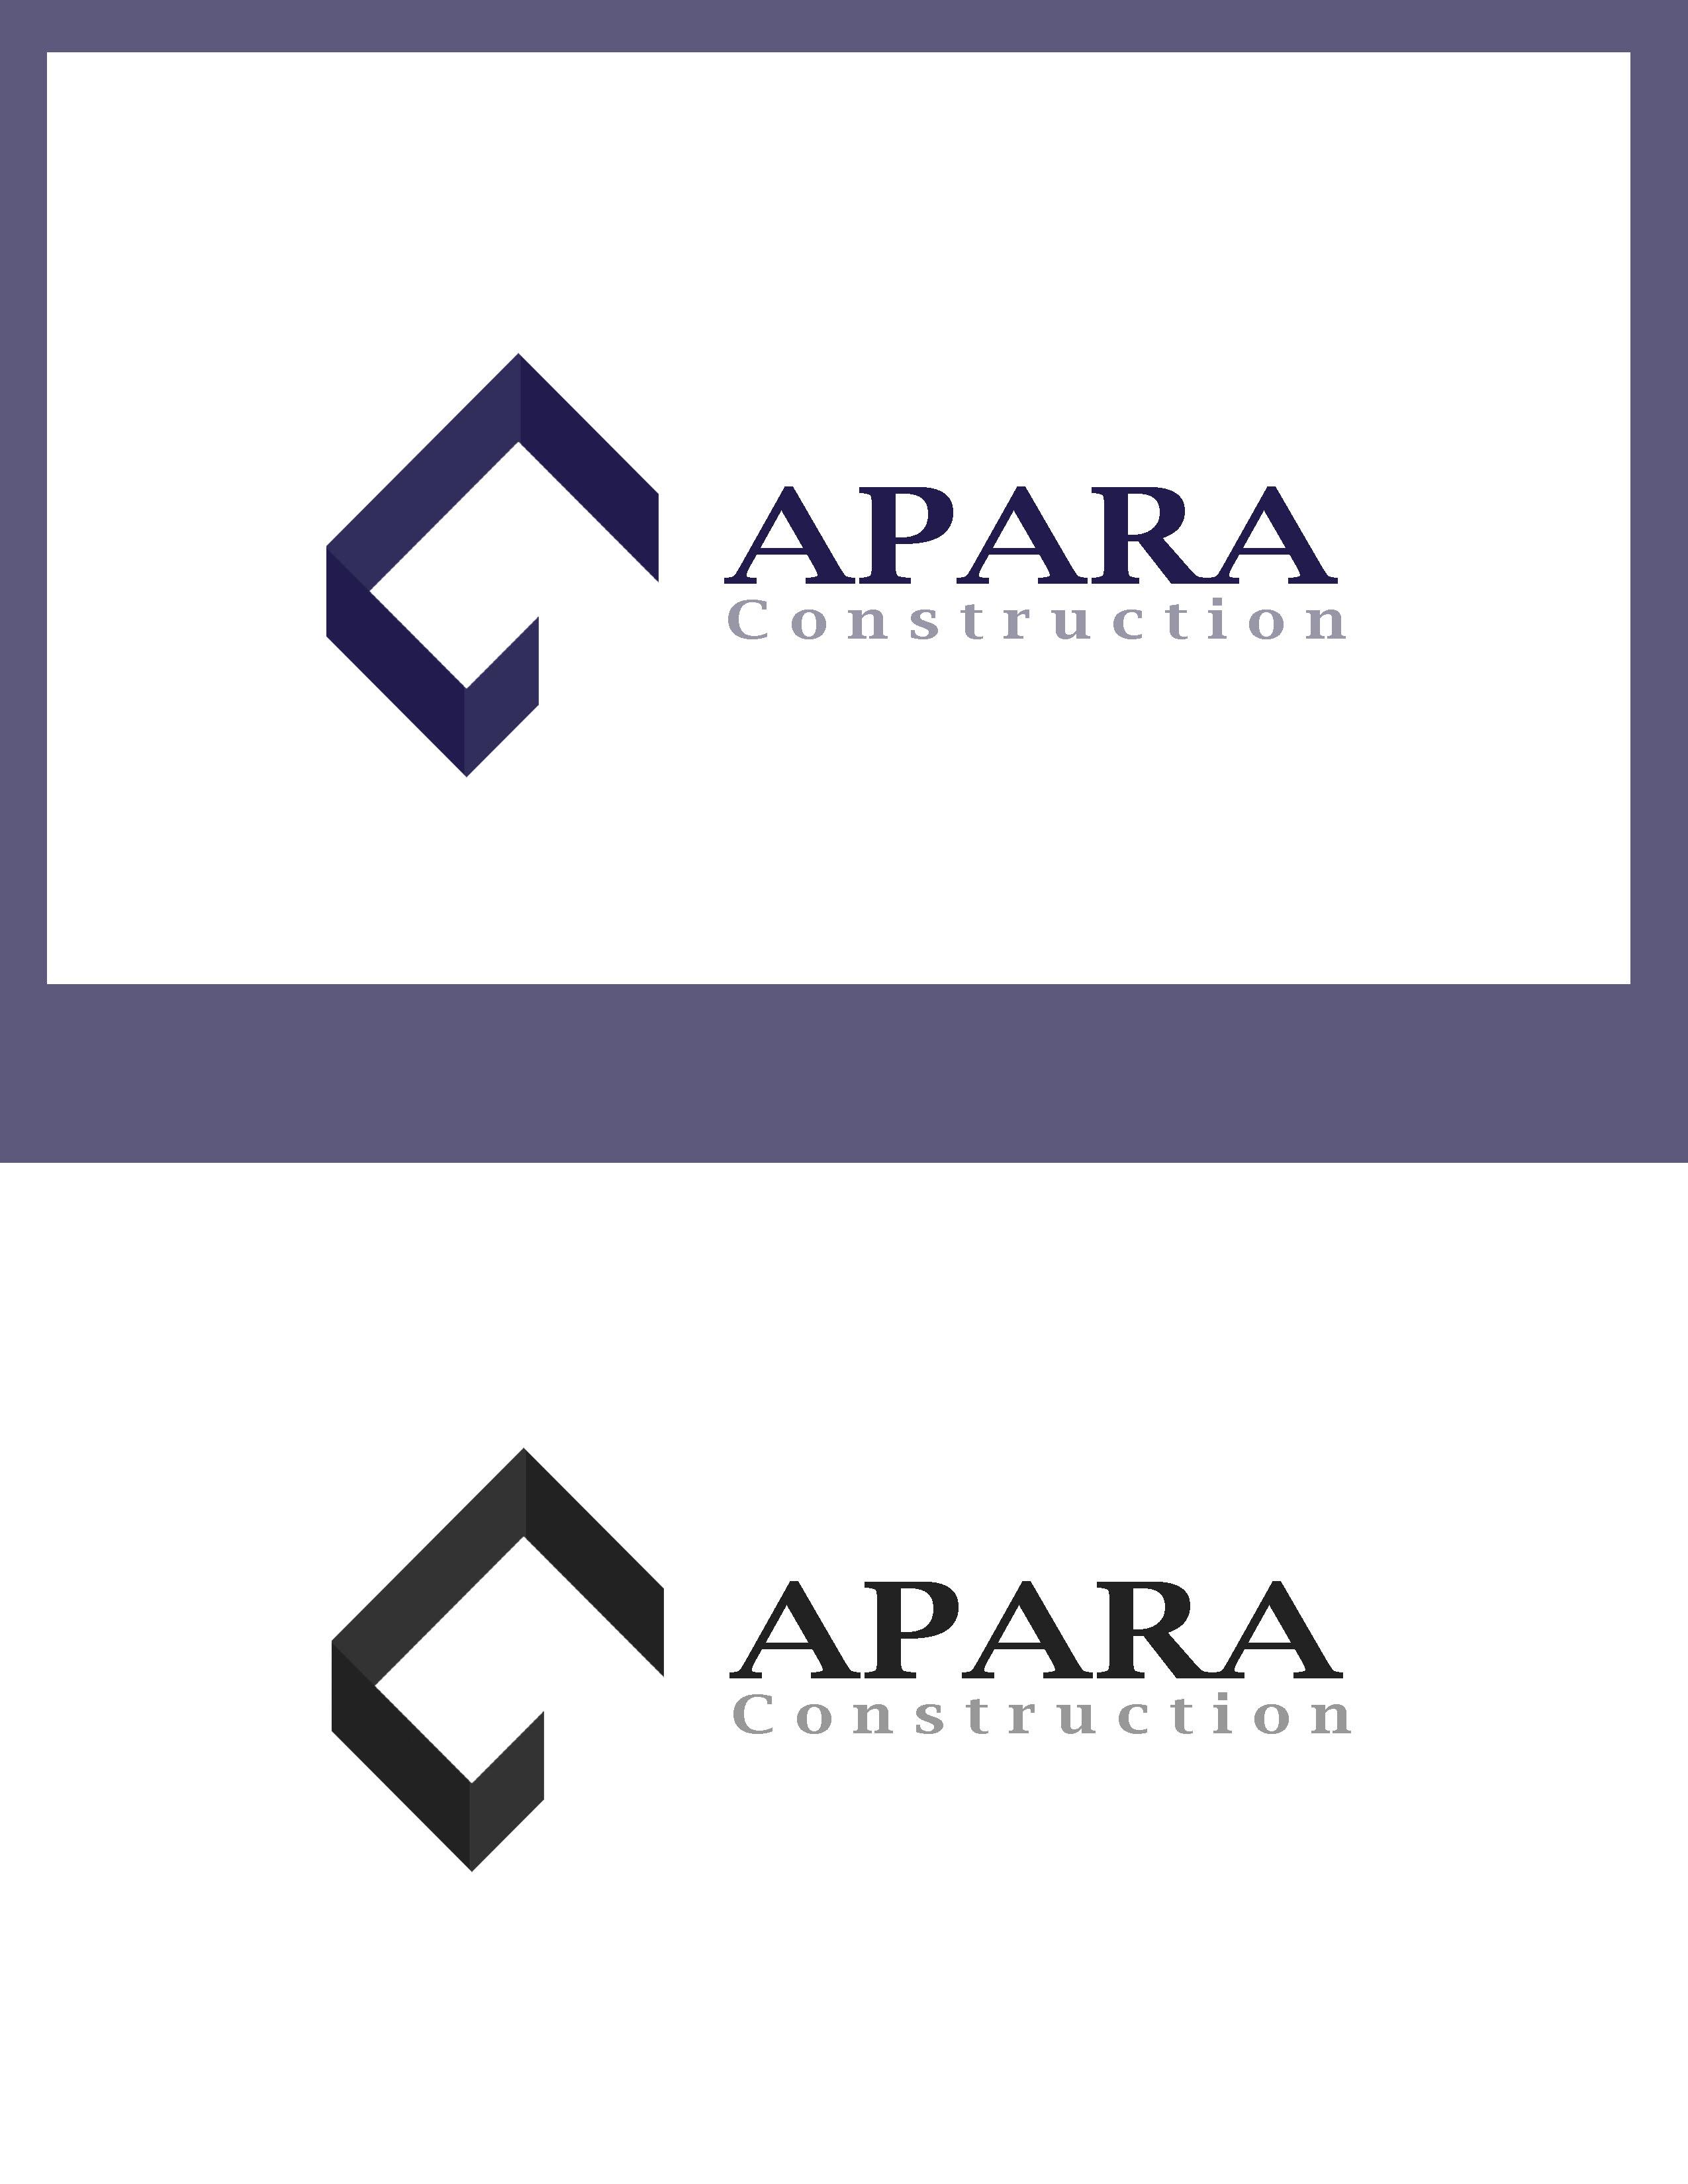 Logo Design by Allan Esclamado - Entry No. 205 in the Logo Design Contest Apara Construction Logo Design.